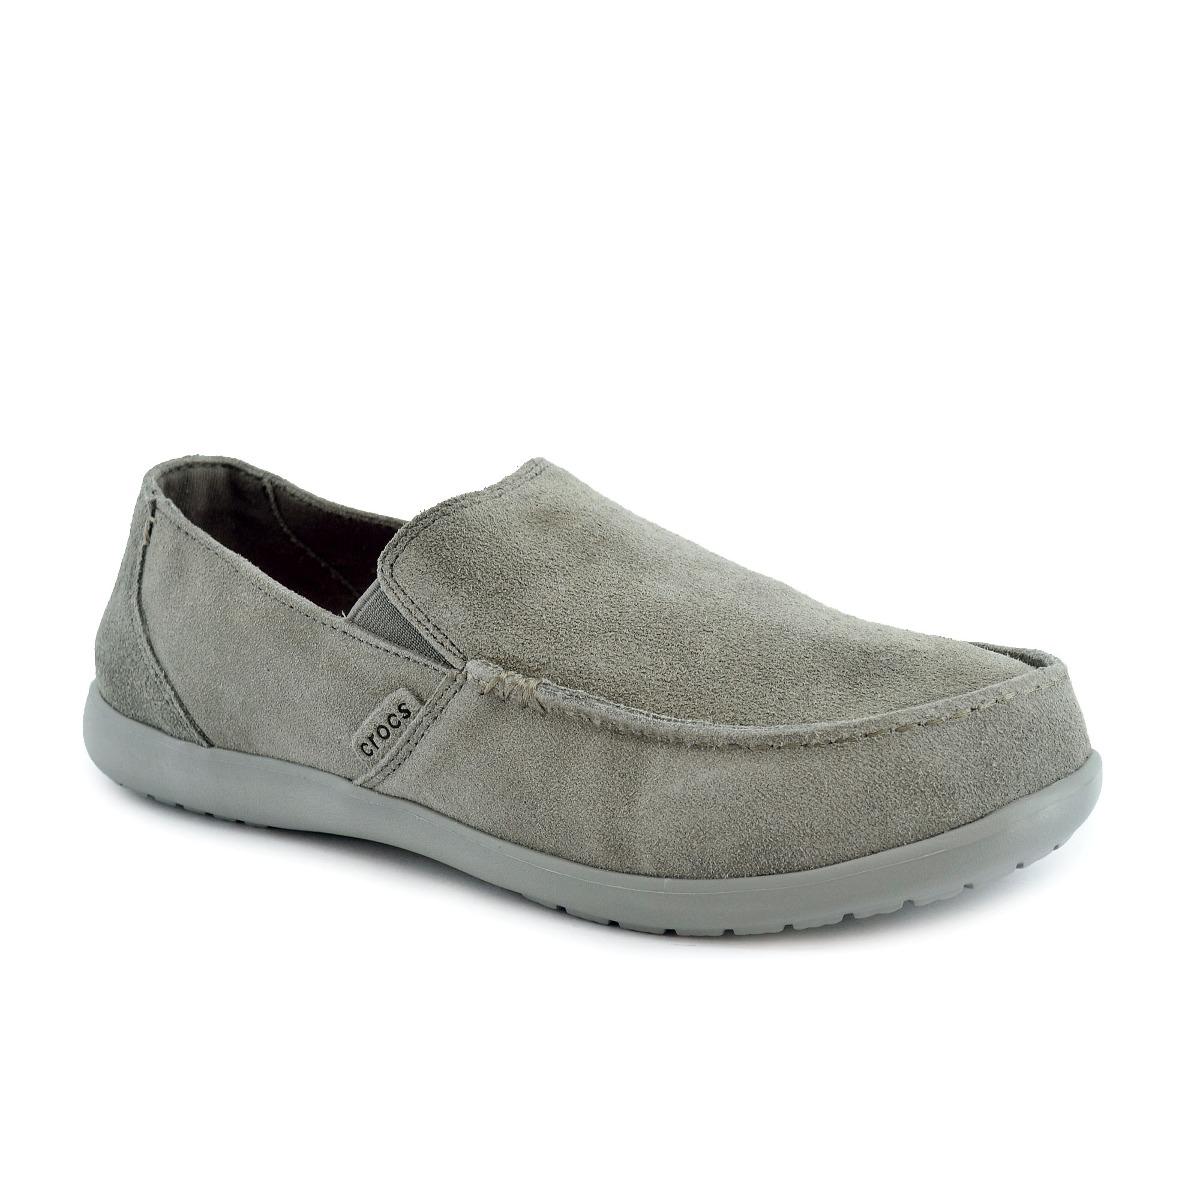 Libre Hombre Suede 00 En Cruz Gris1 Zapato 100 Mercado Santa Crocs reoBdCx